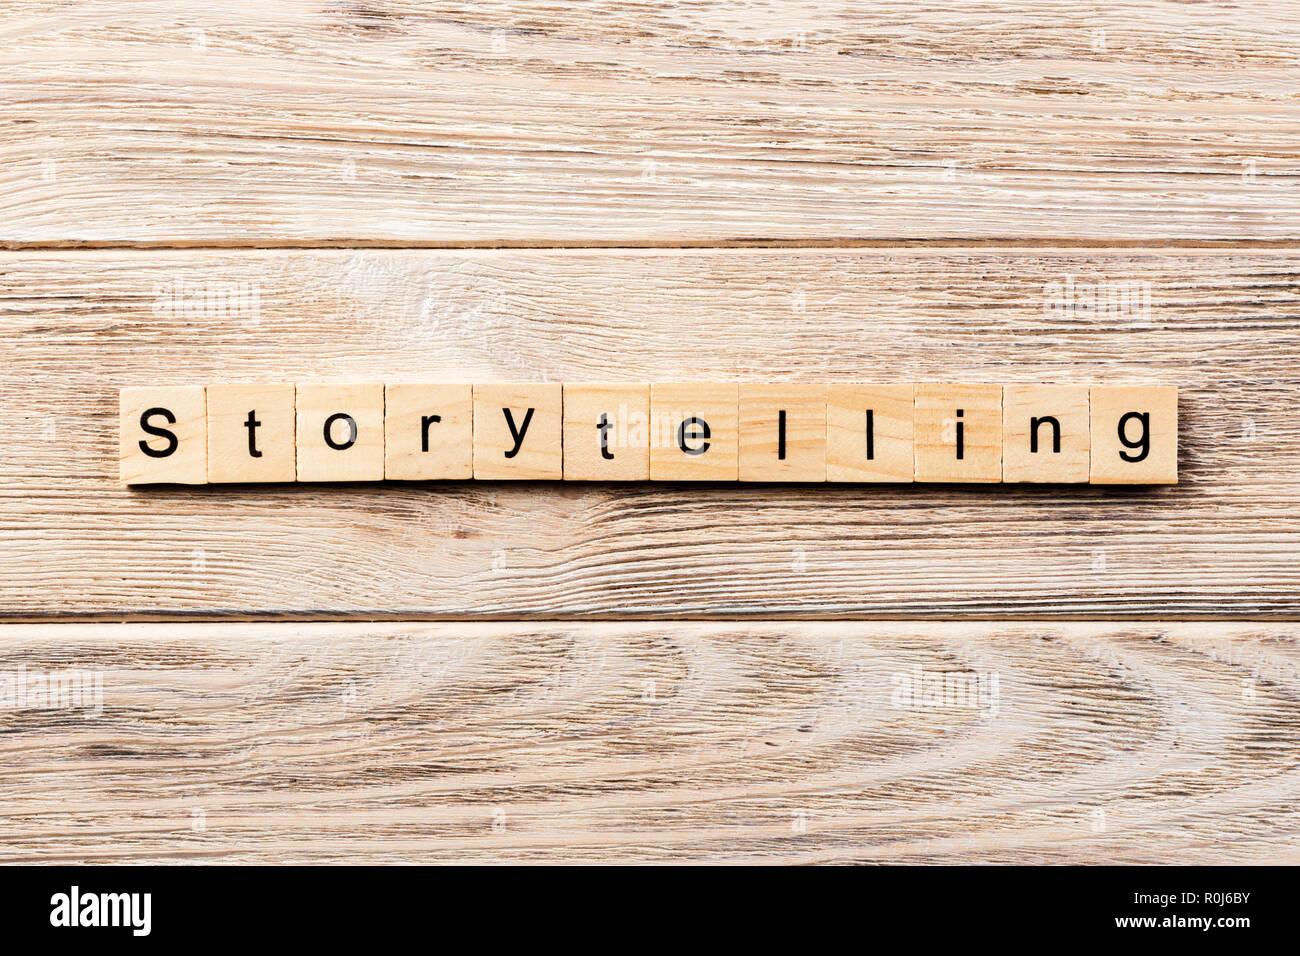 La narración palabra escrita sobre un bloque de madera. La narración texto en tabla, concepto. Foto de stock